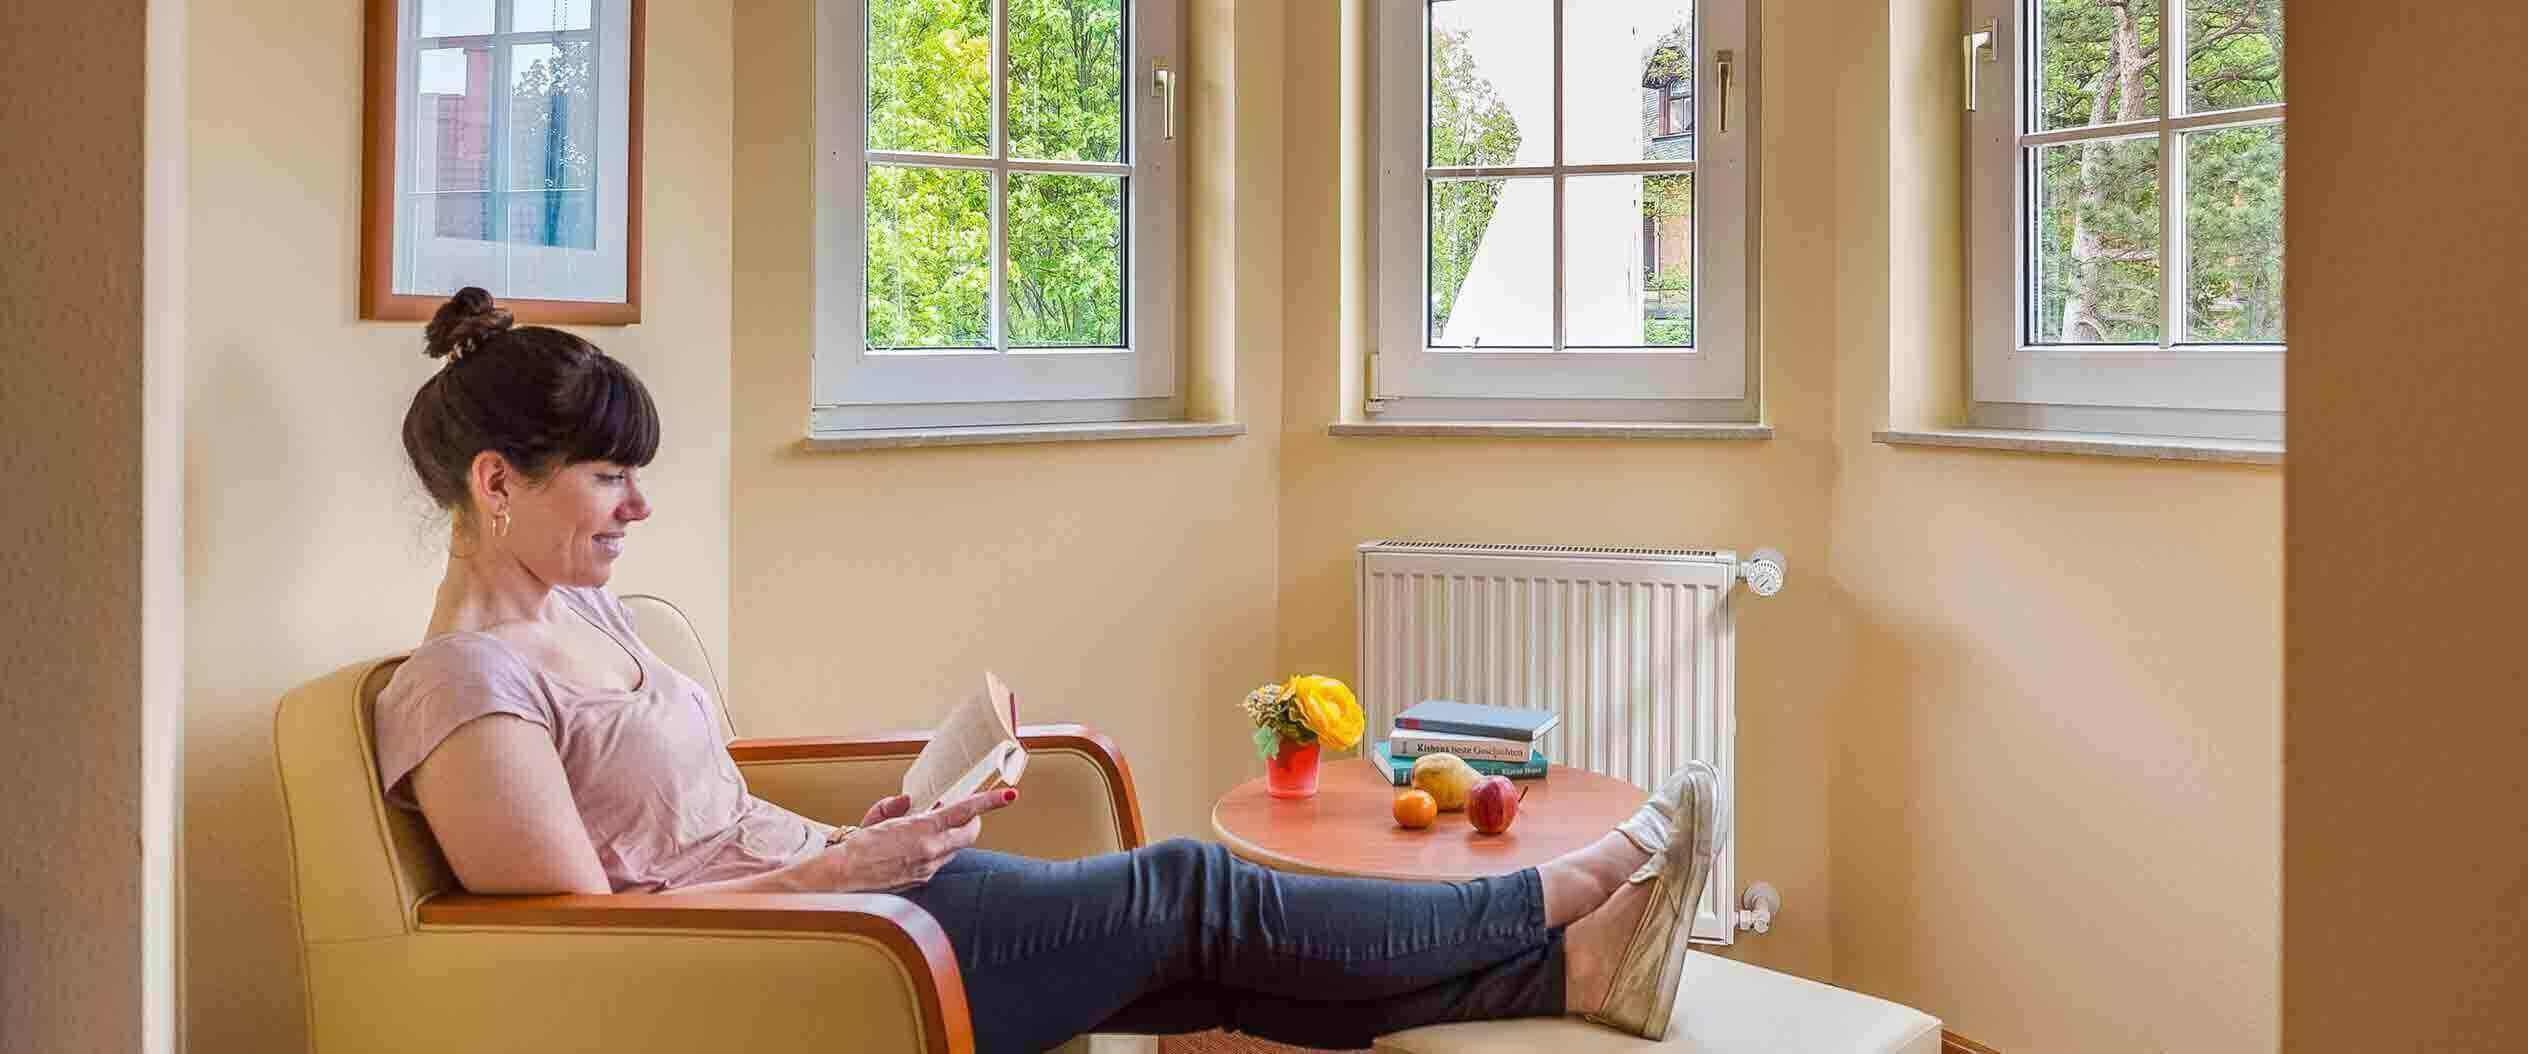 Patientin sitzt in der Leseecke der MEDIAN Privatklinik Berggarten Deidesheim